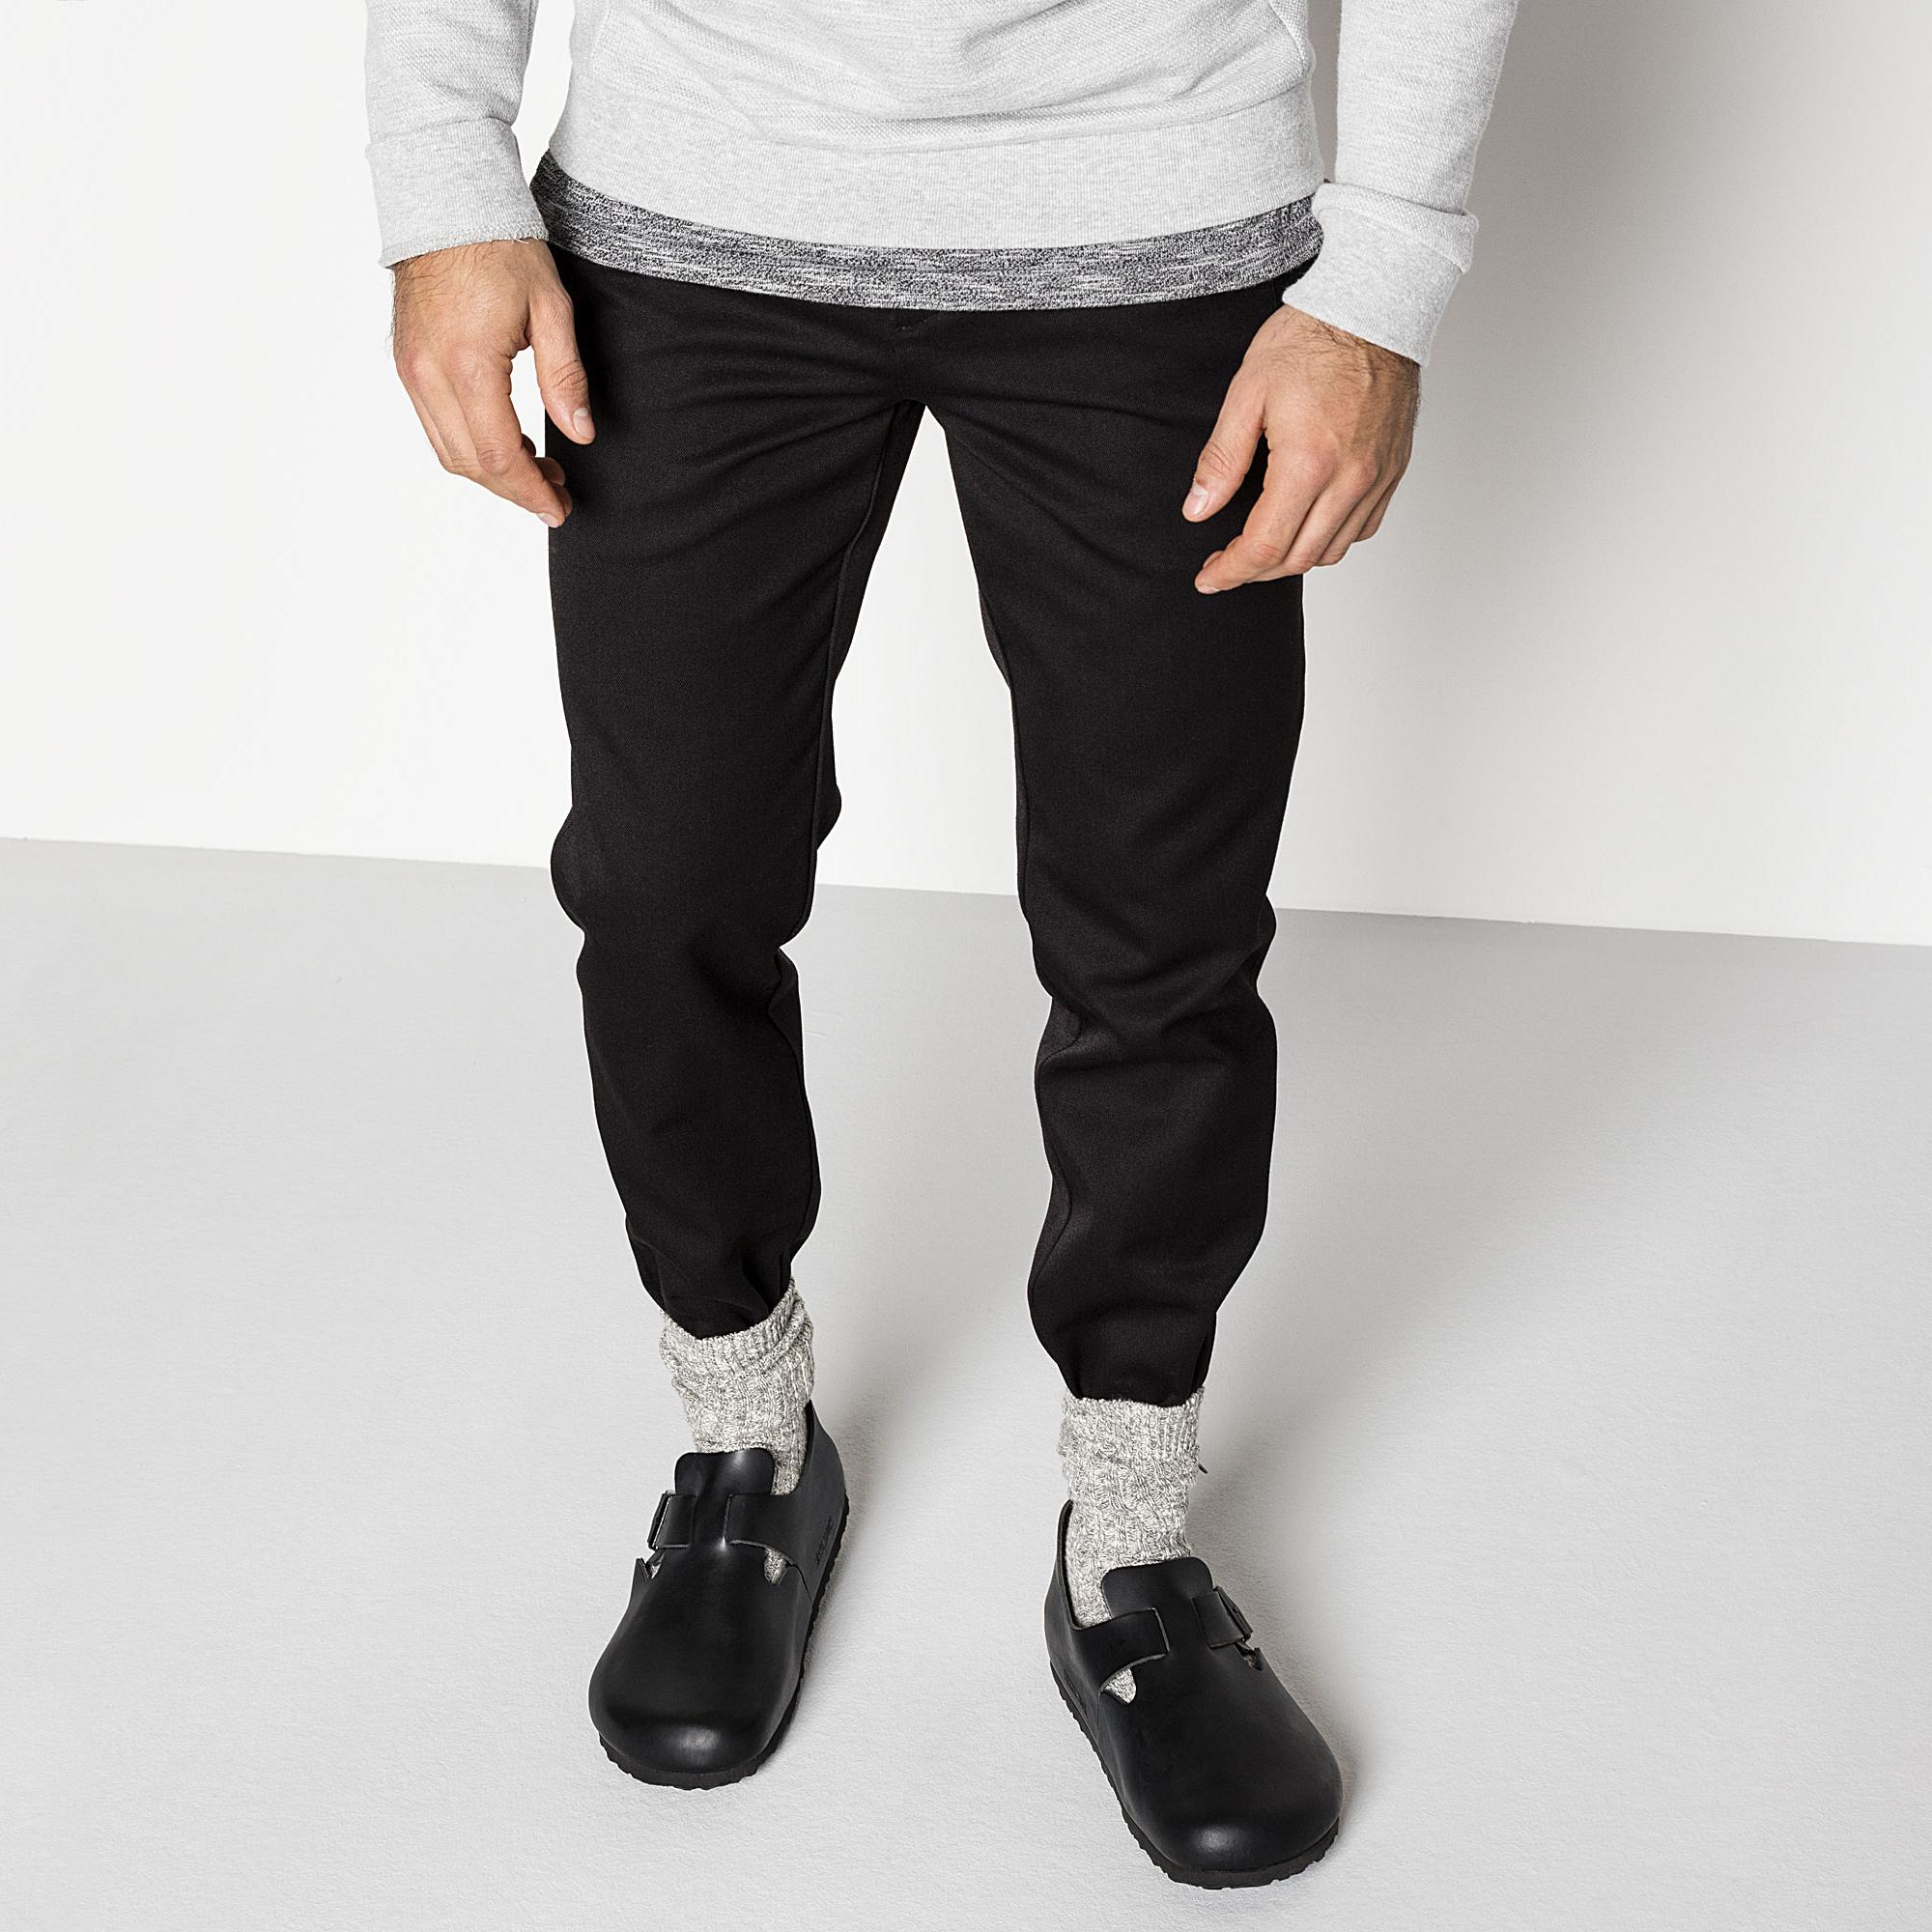 Birkenstock London Soft Footbed Hunter Black Leather Shoes